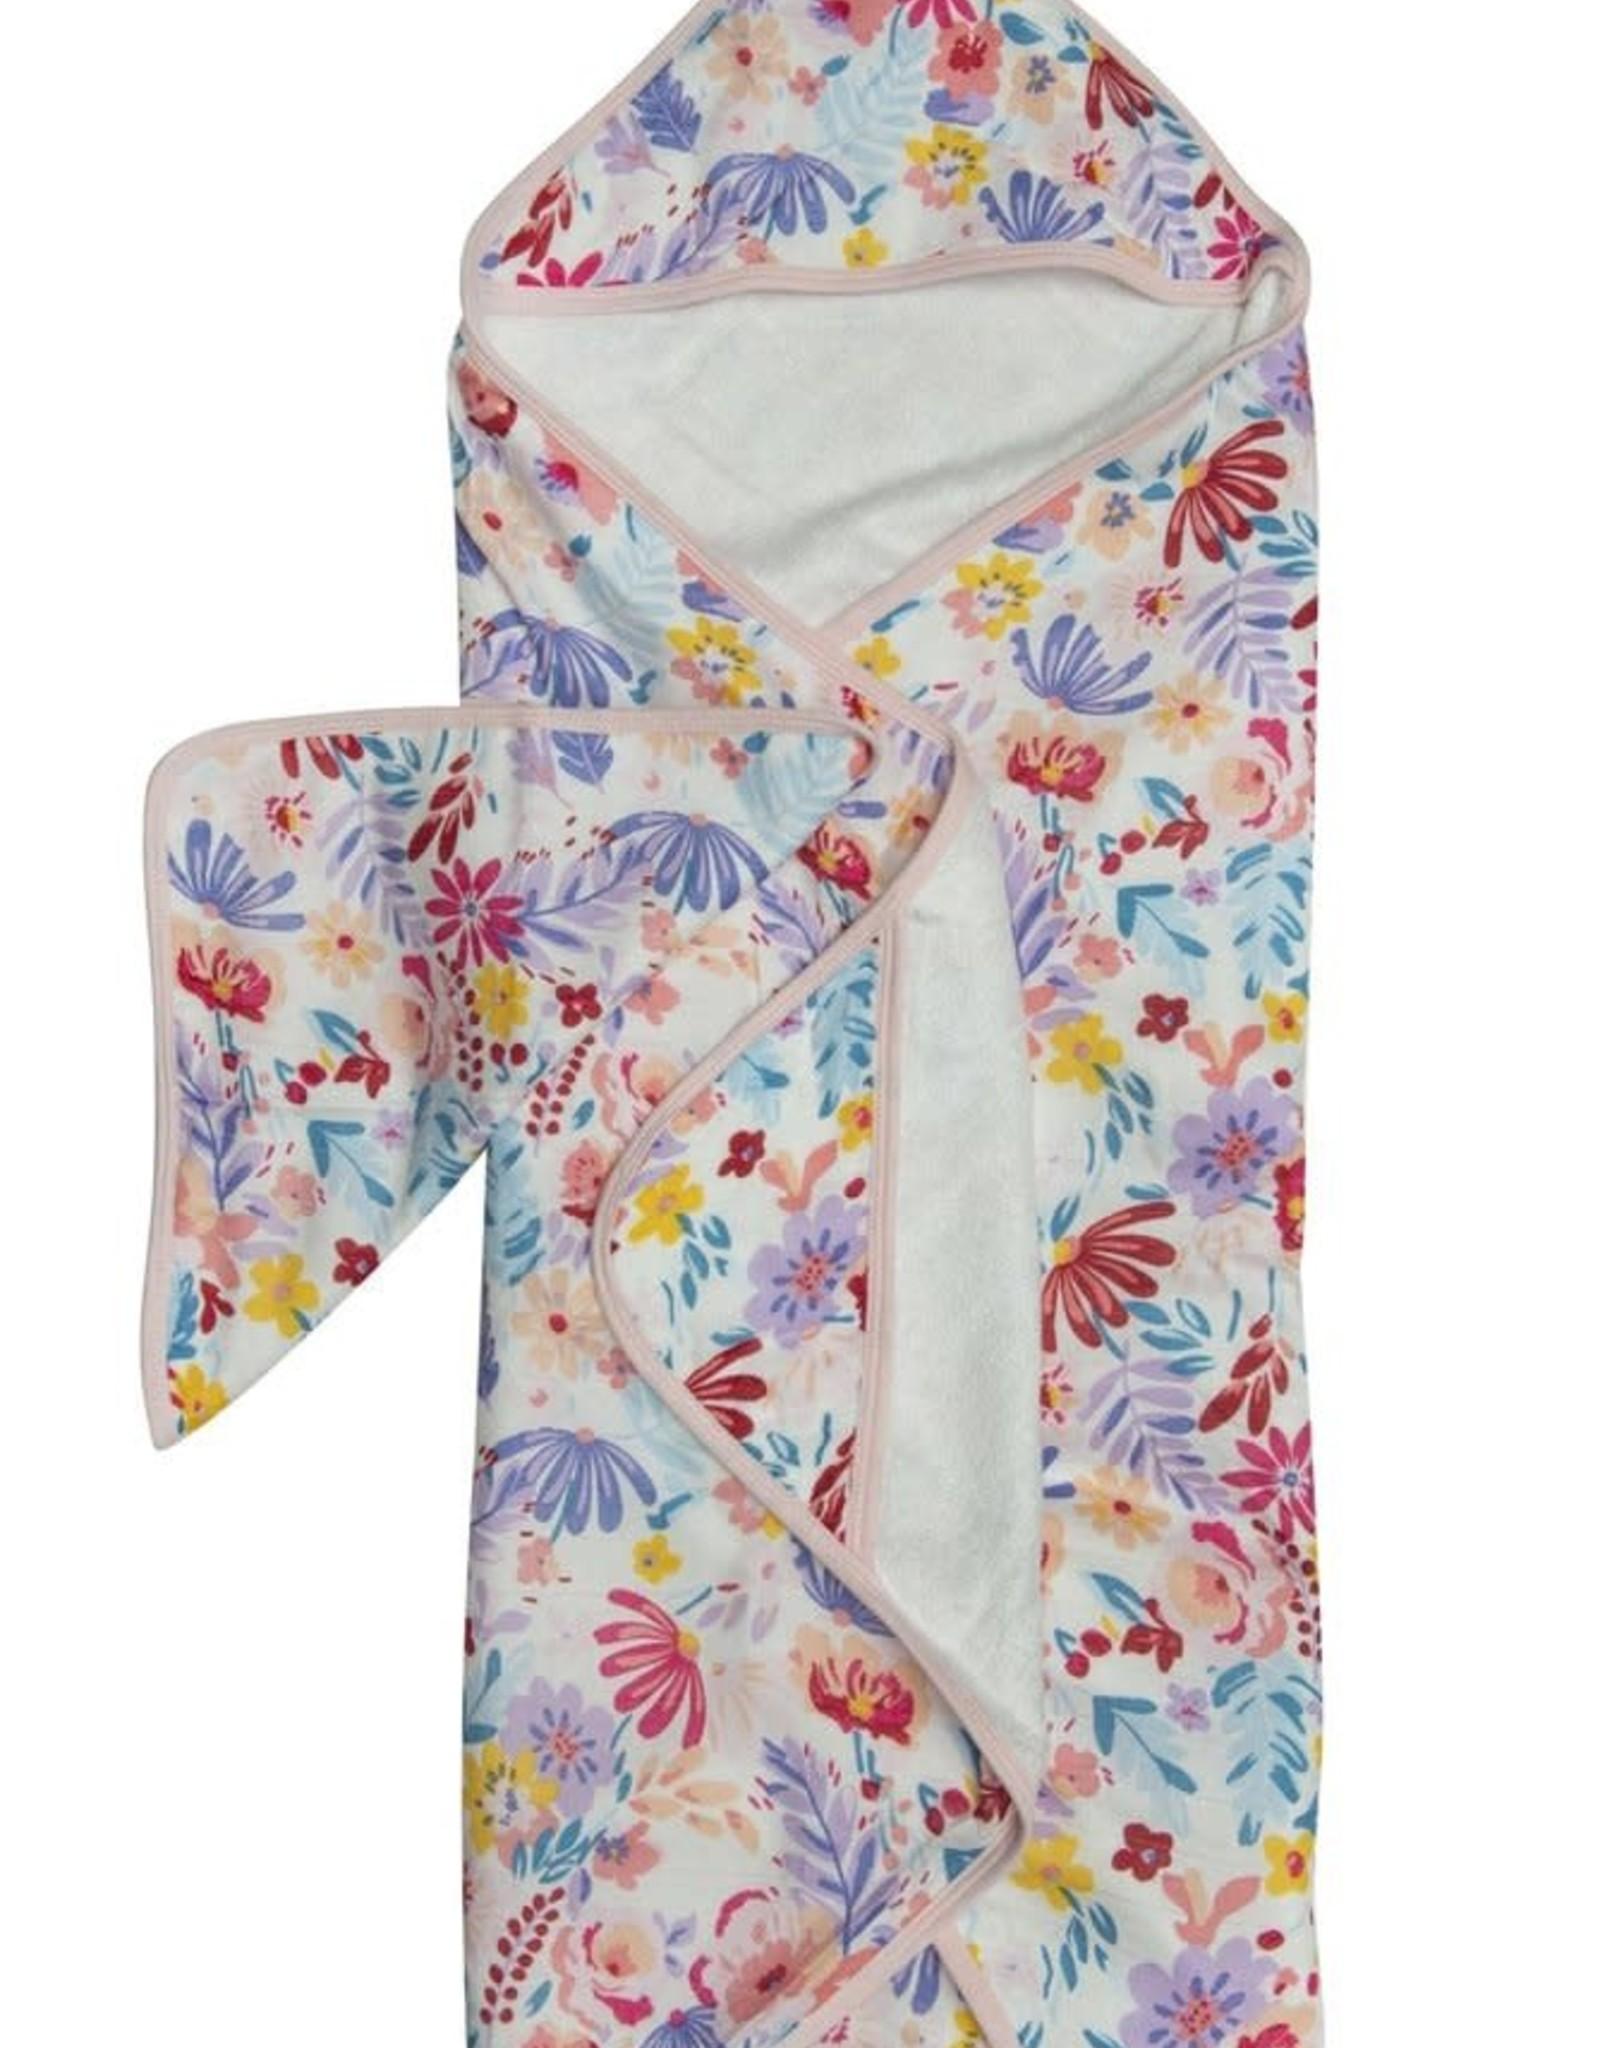 LouLou Lollipop LoulouLOLLIPOP Hooded Towel Light Field Flowers